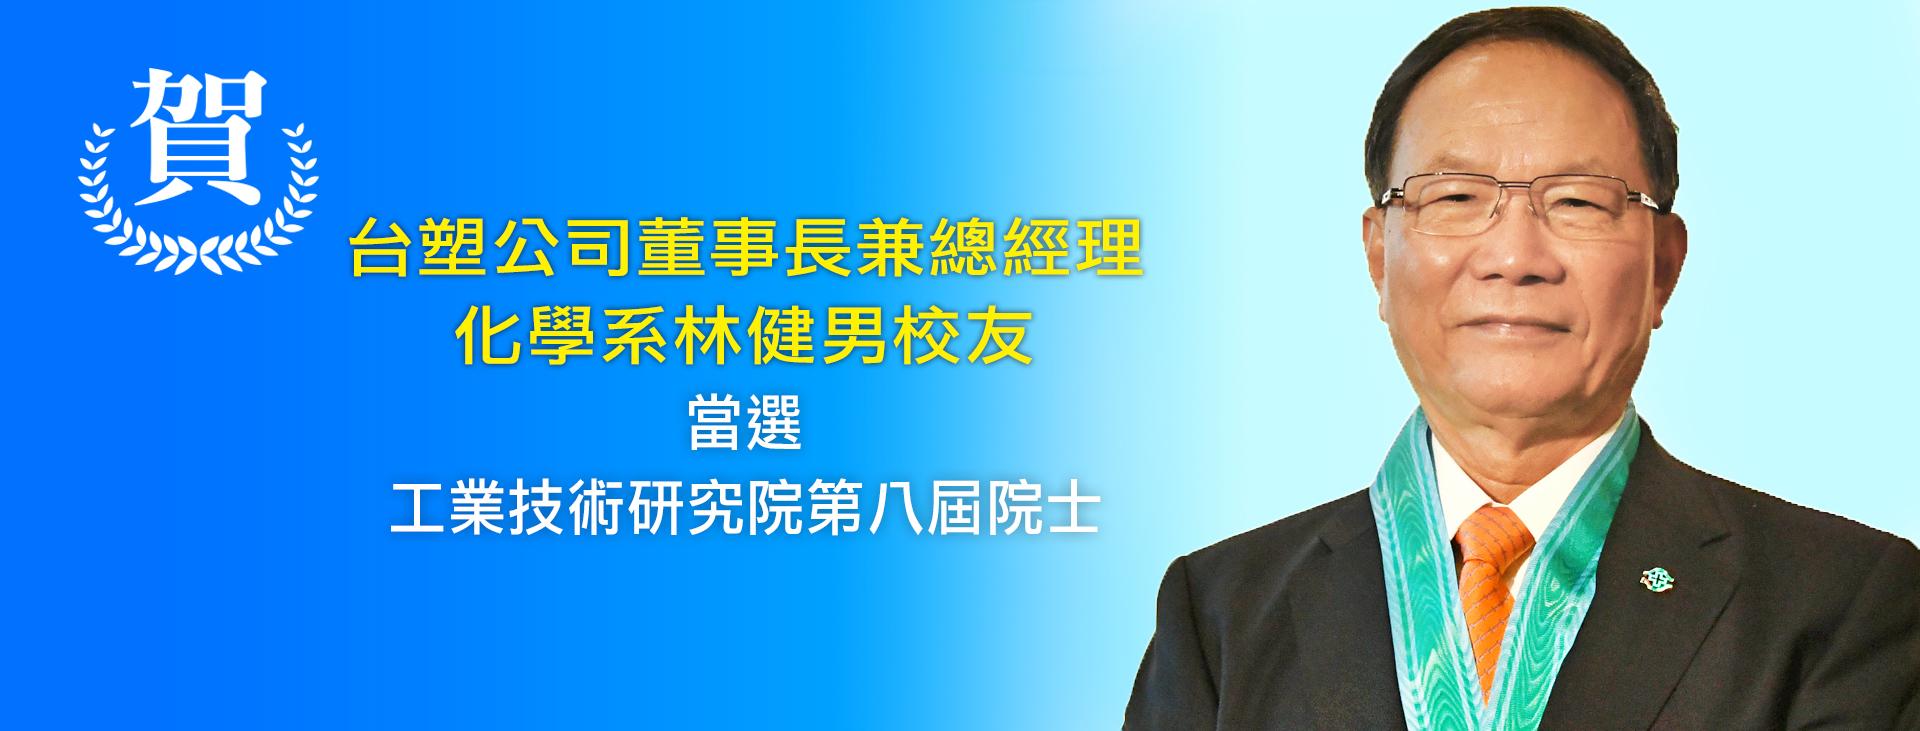 賀!台塑公司董事長兼總經理、化學系林健男校友當選工業技術研究院第八屆院士